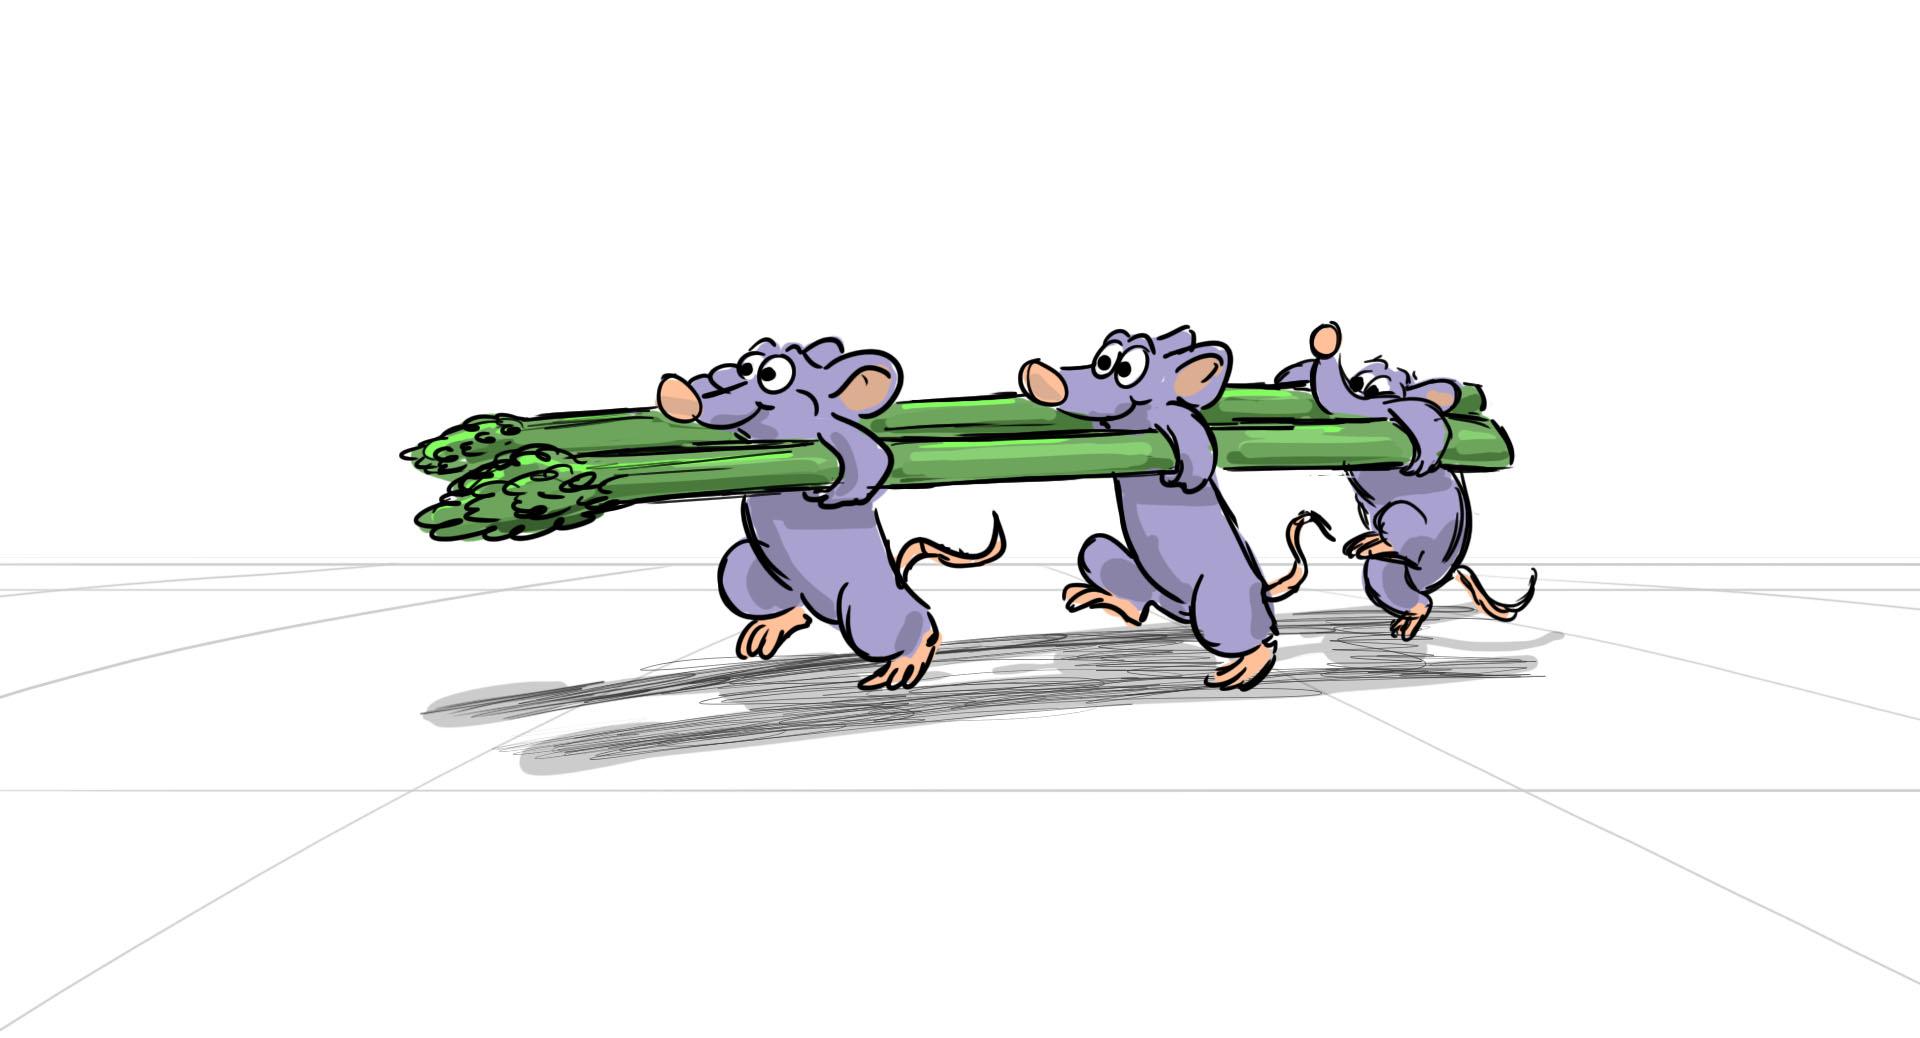 tprat_Heist Rats 005.jpg